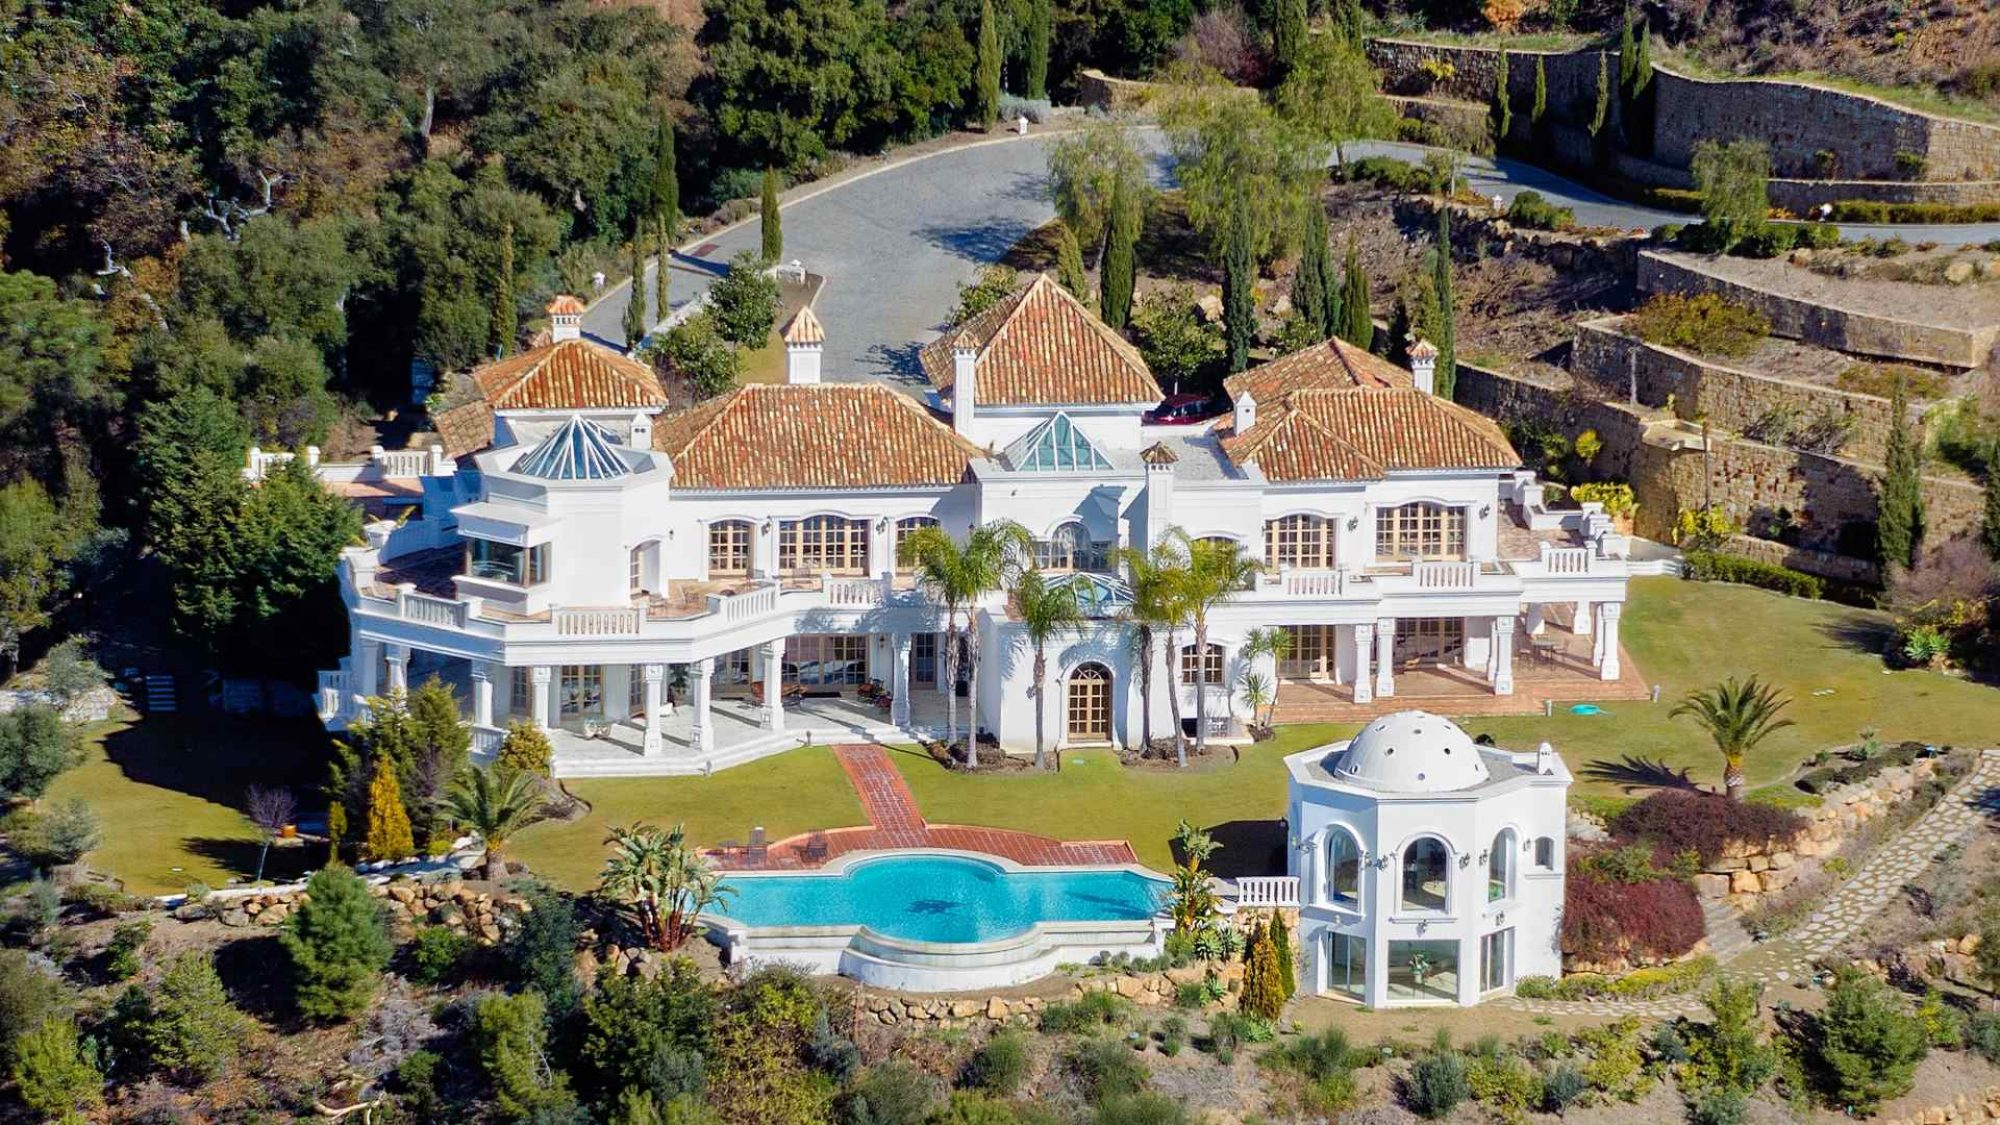 Palace of Light villa for sale in la zagaleta